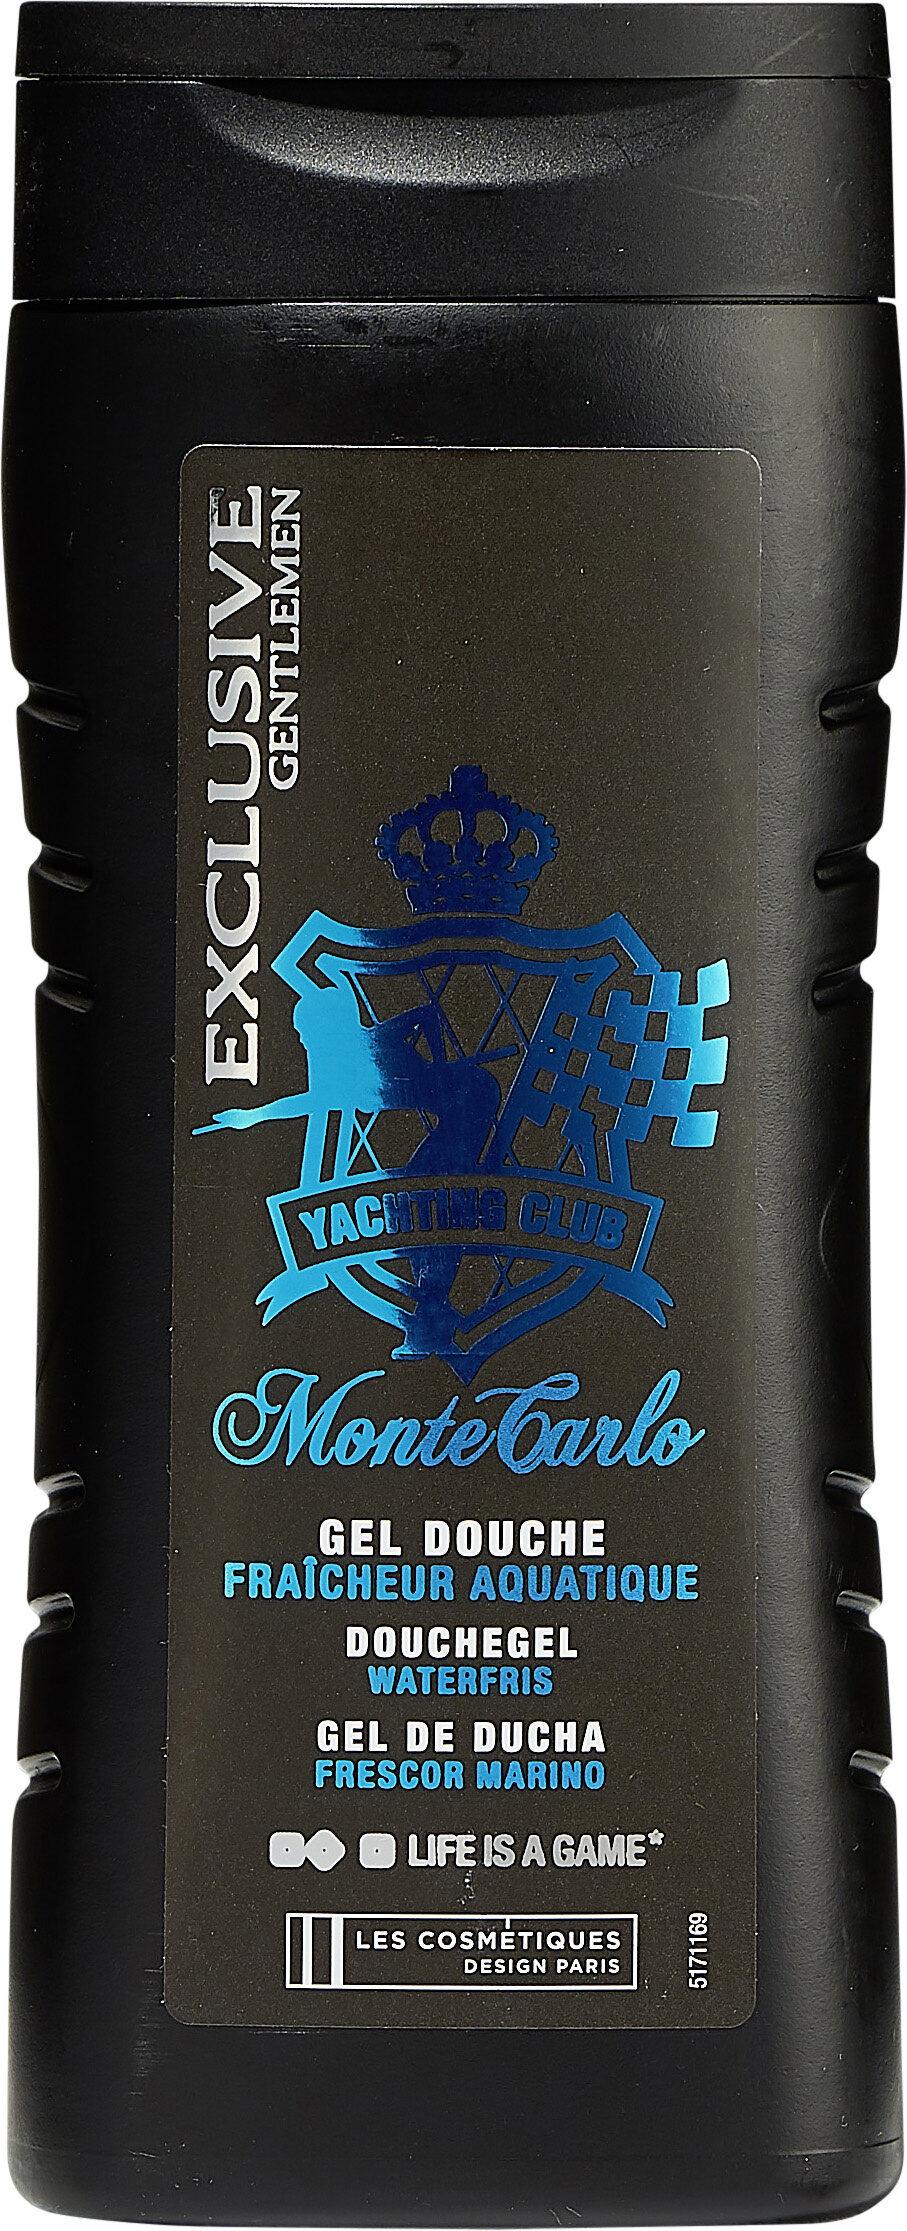 """Gel douche Fraîcheur aquatique """"Monte Carlo"""" - Product - fr"""